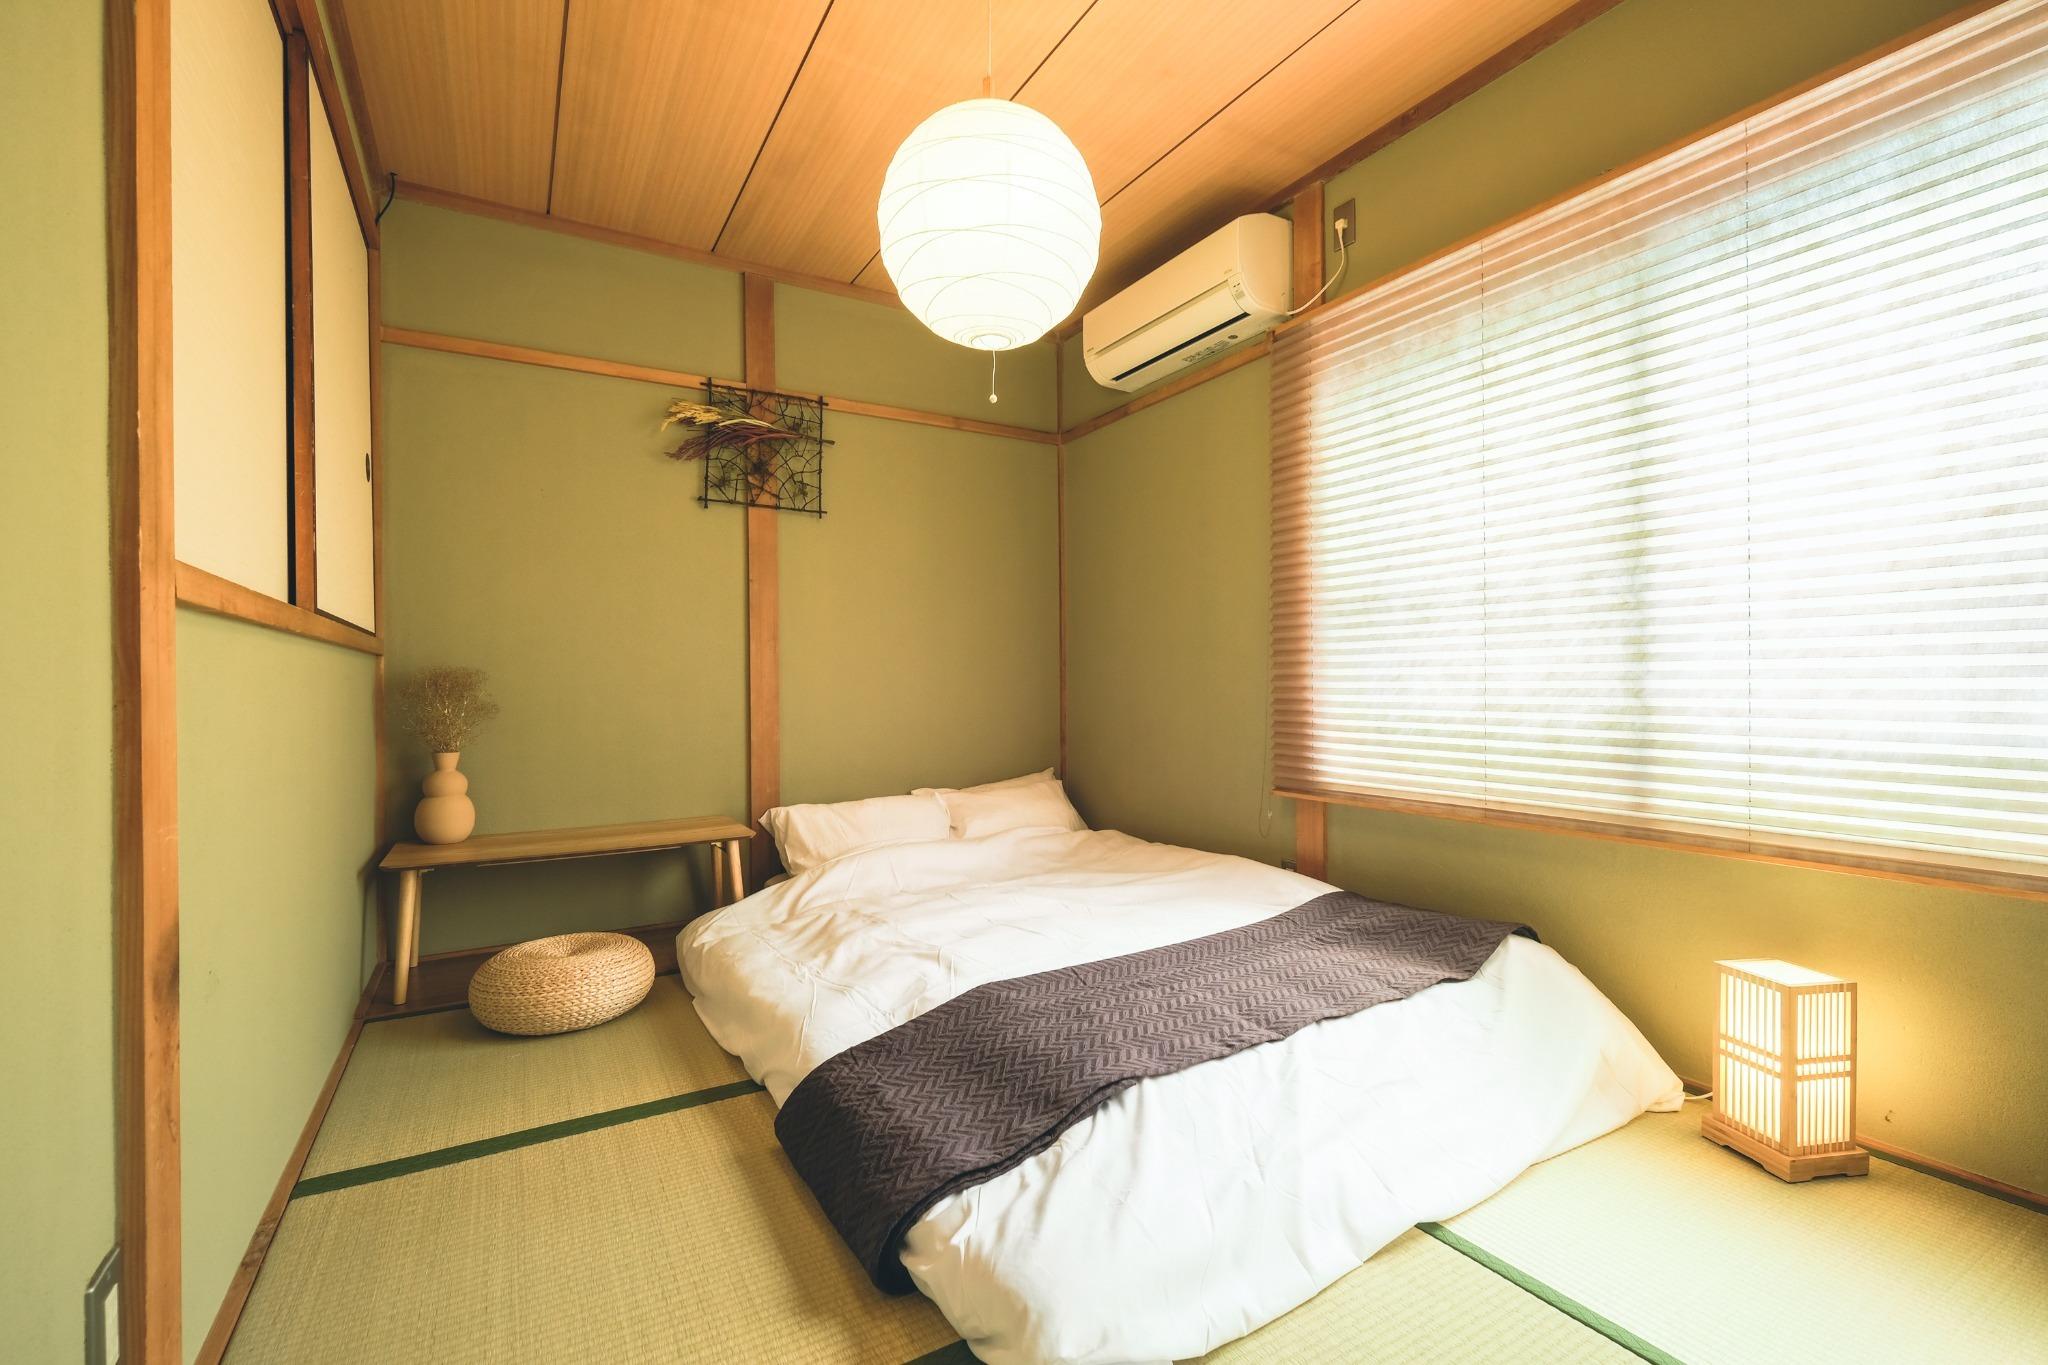 寝室2:2階(すのこセミダブルベッド×1)布団×1